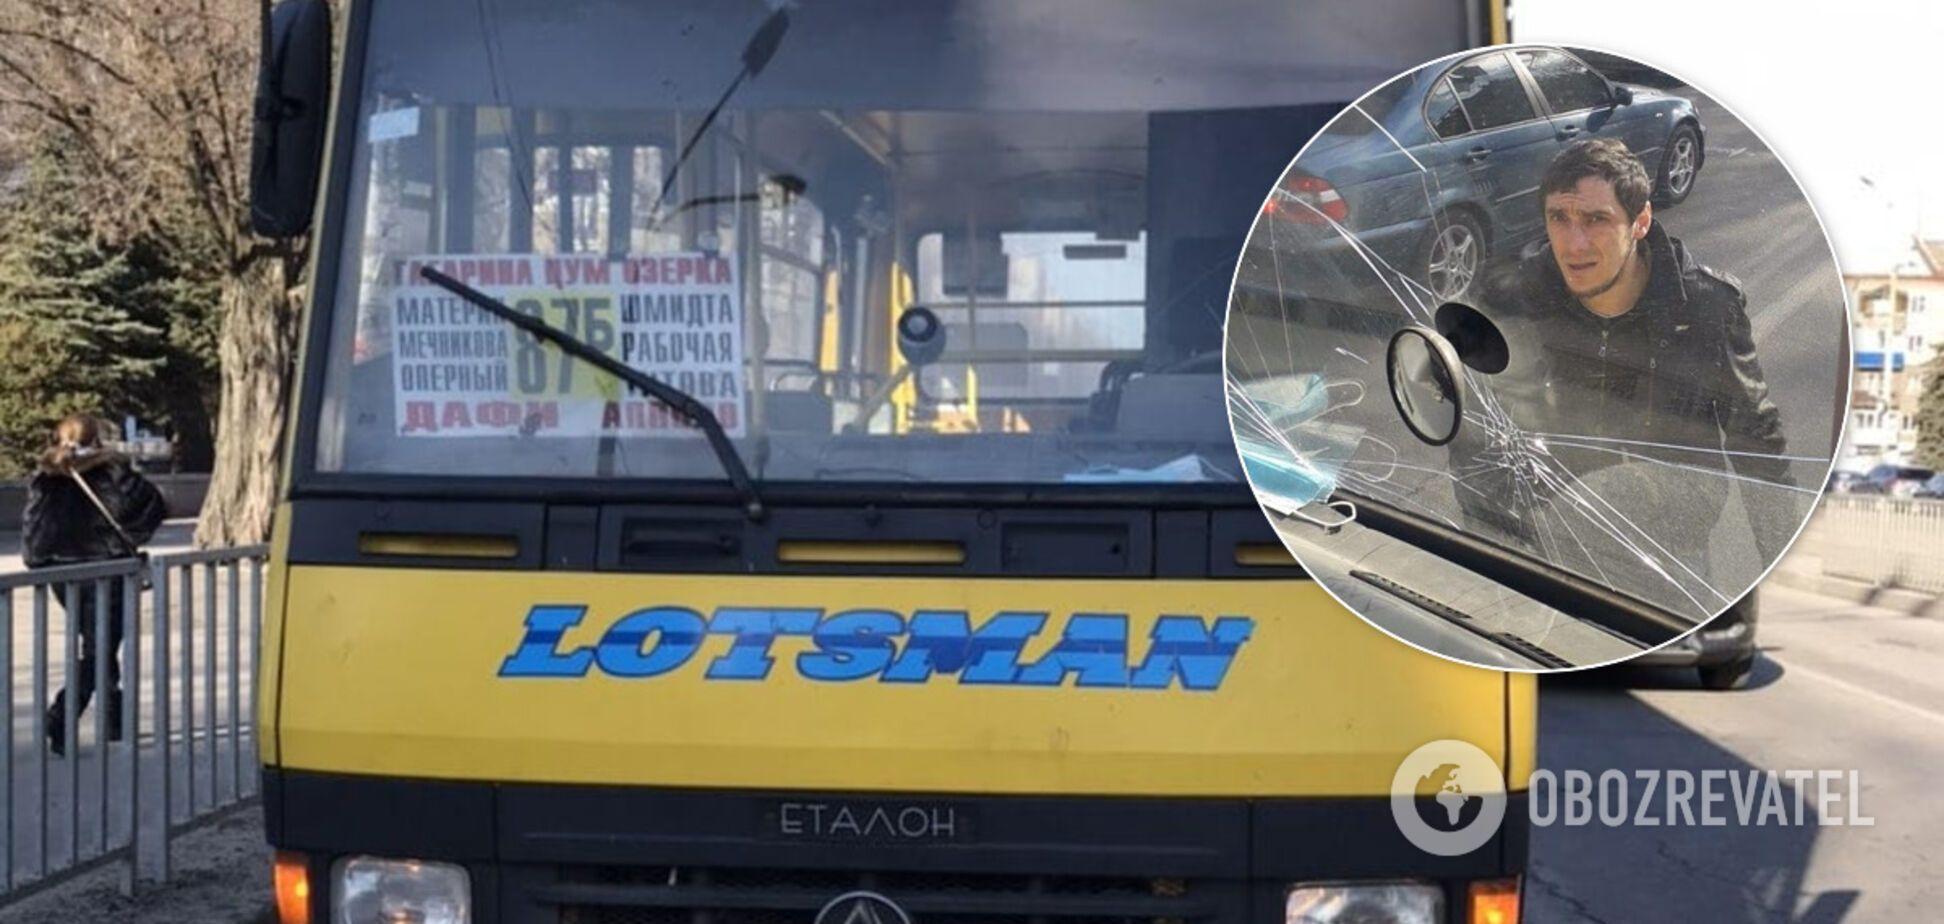 Розгромили маршрутку і погрожували: в Дніпрі розшукують неадекватних бешкетників